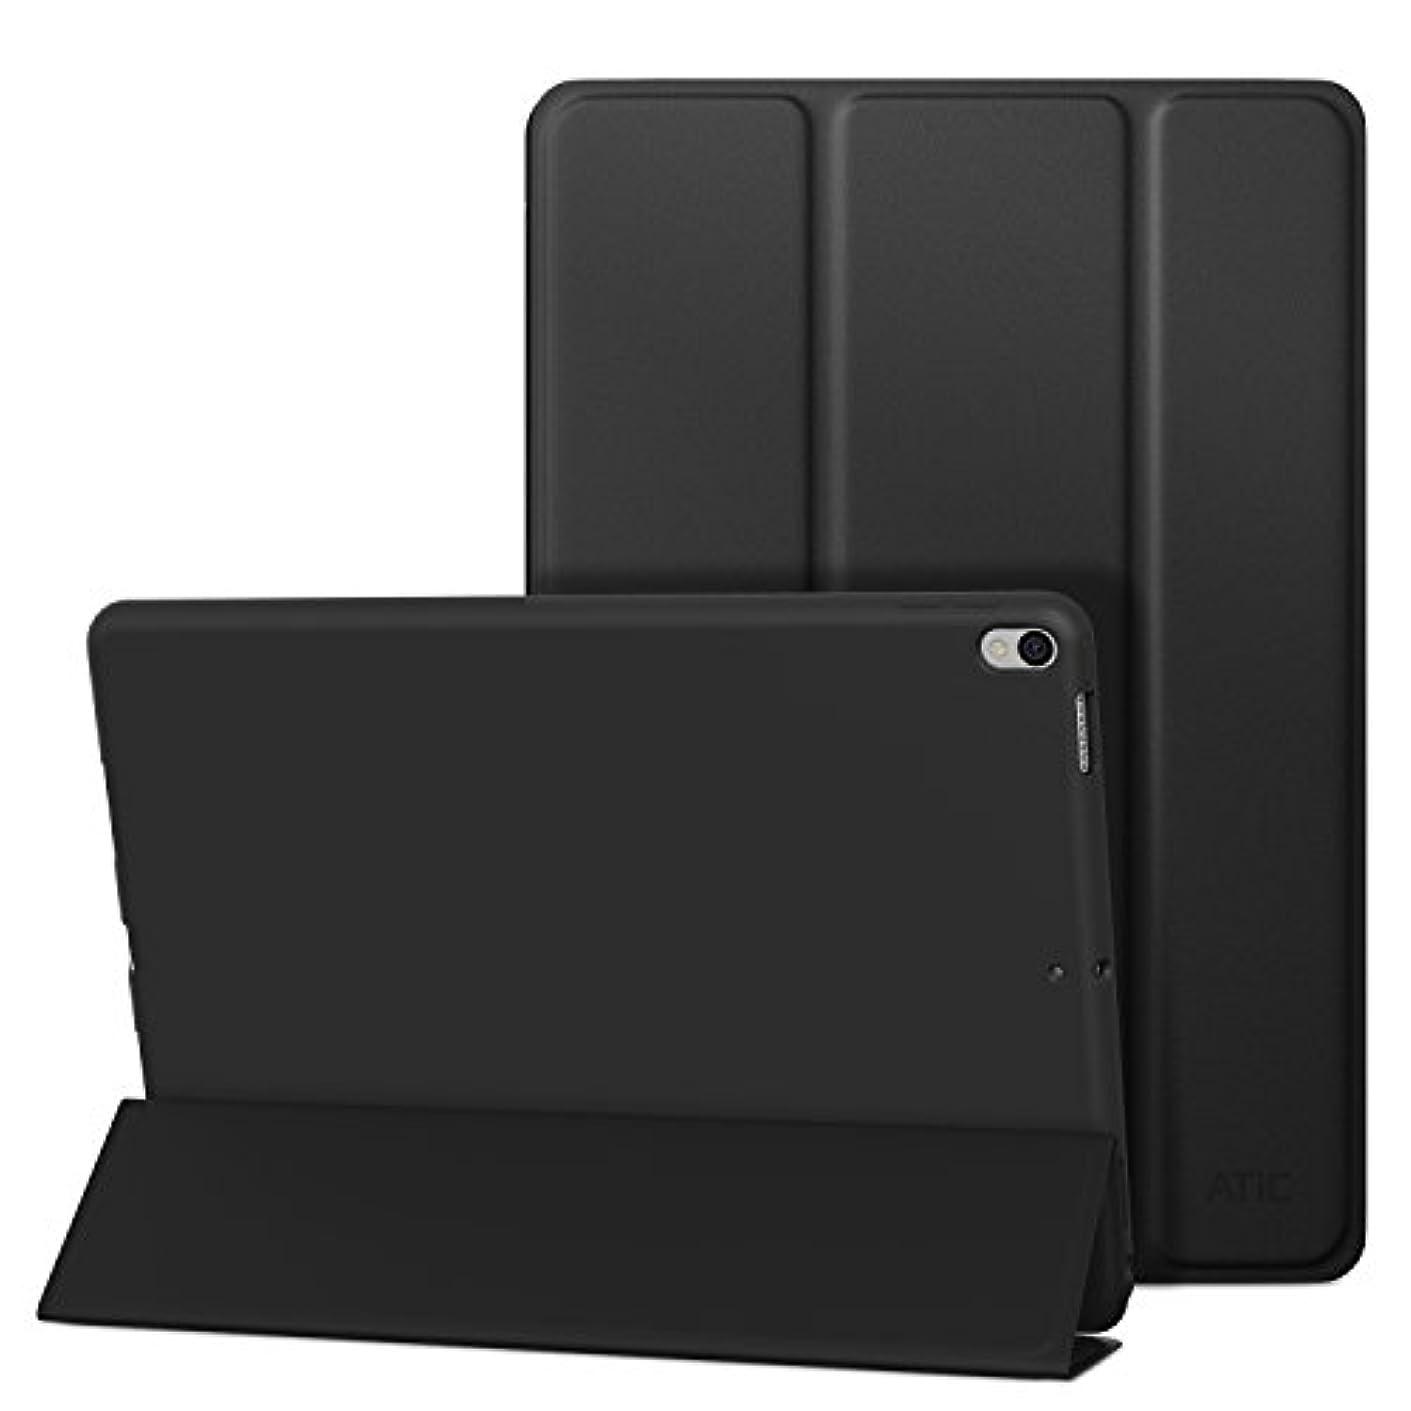 黙認する今まで共感するATiC NEW iPad Air 3(第三世代) 10.5 2019 / iPad Pro 10.5 2017 用開閉式三つ折薄型バック TPUバンパースタンドケース オートスリープ機能付き 対応モデル:A2152 / A2123 / A2153 / A2154 / A1701 / A1709 / A1852 BLACK